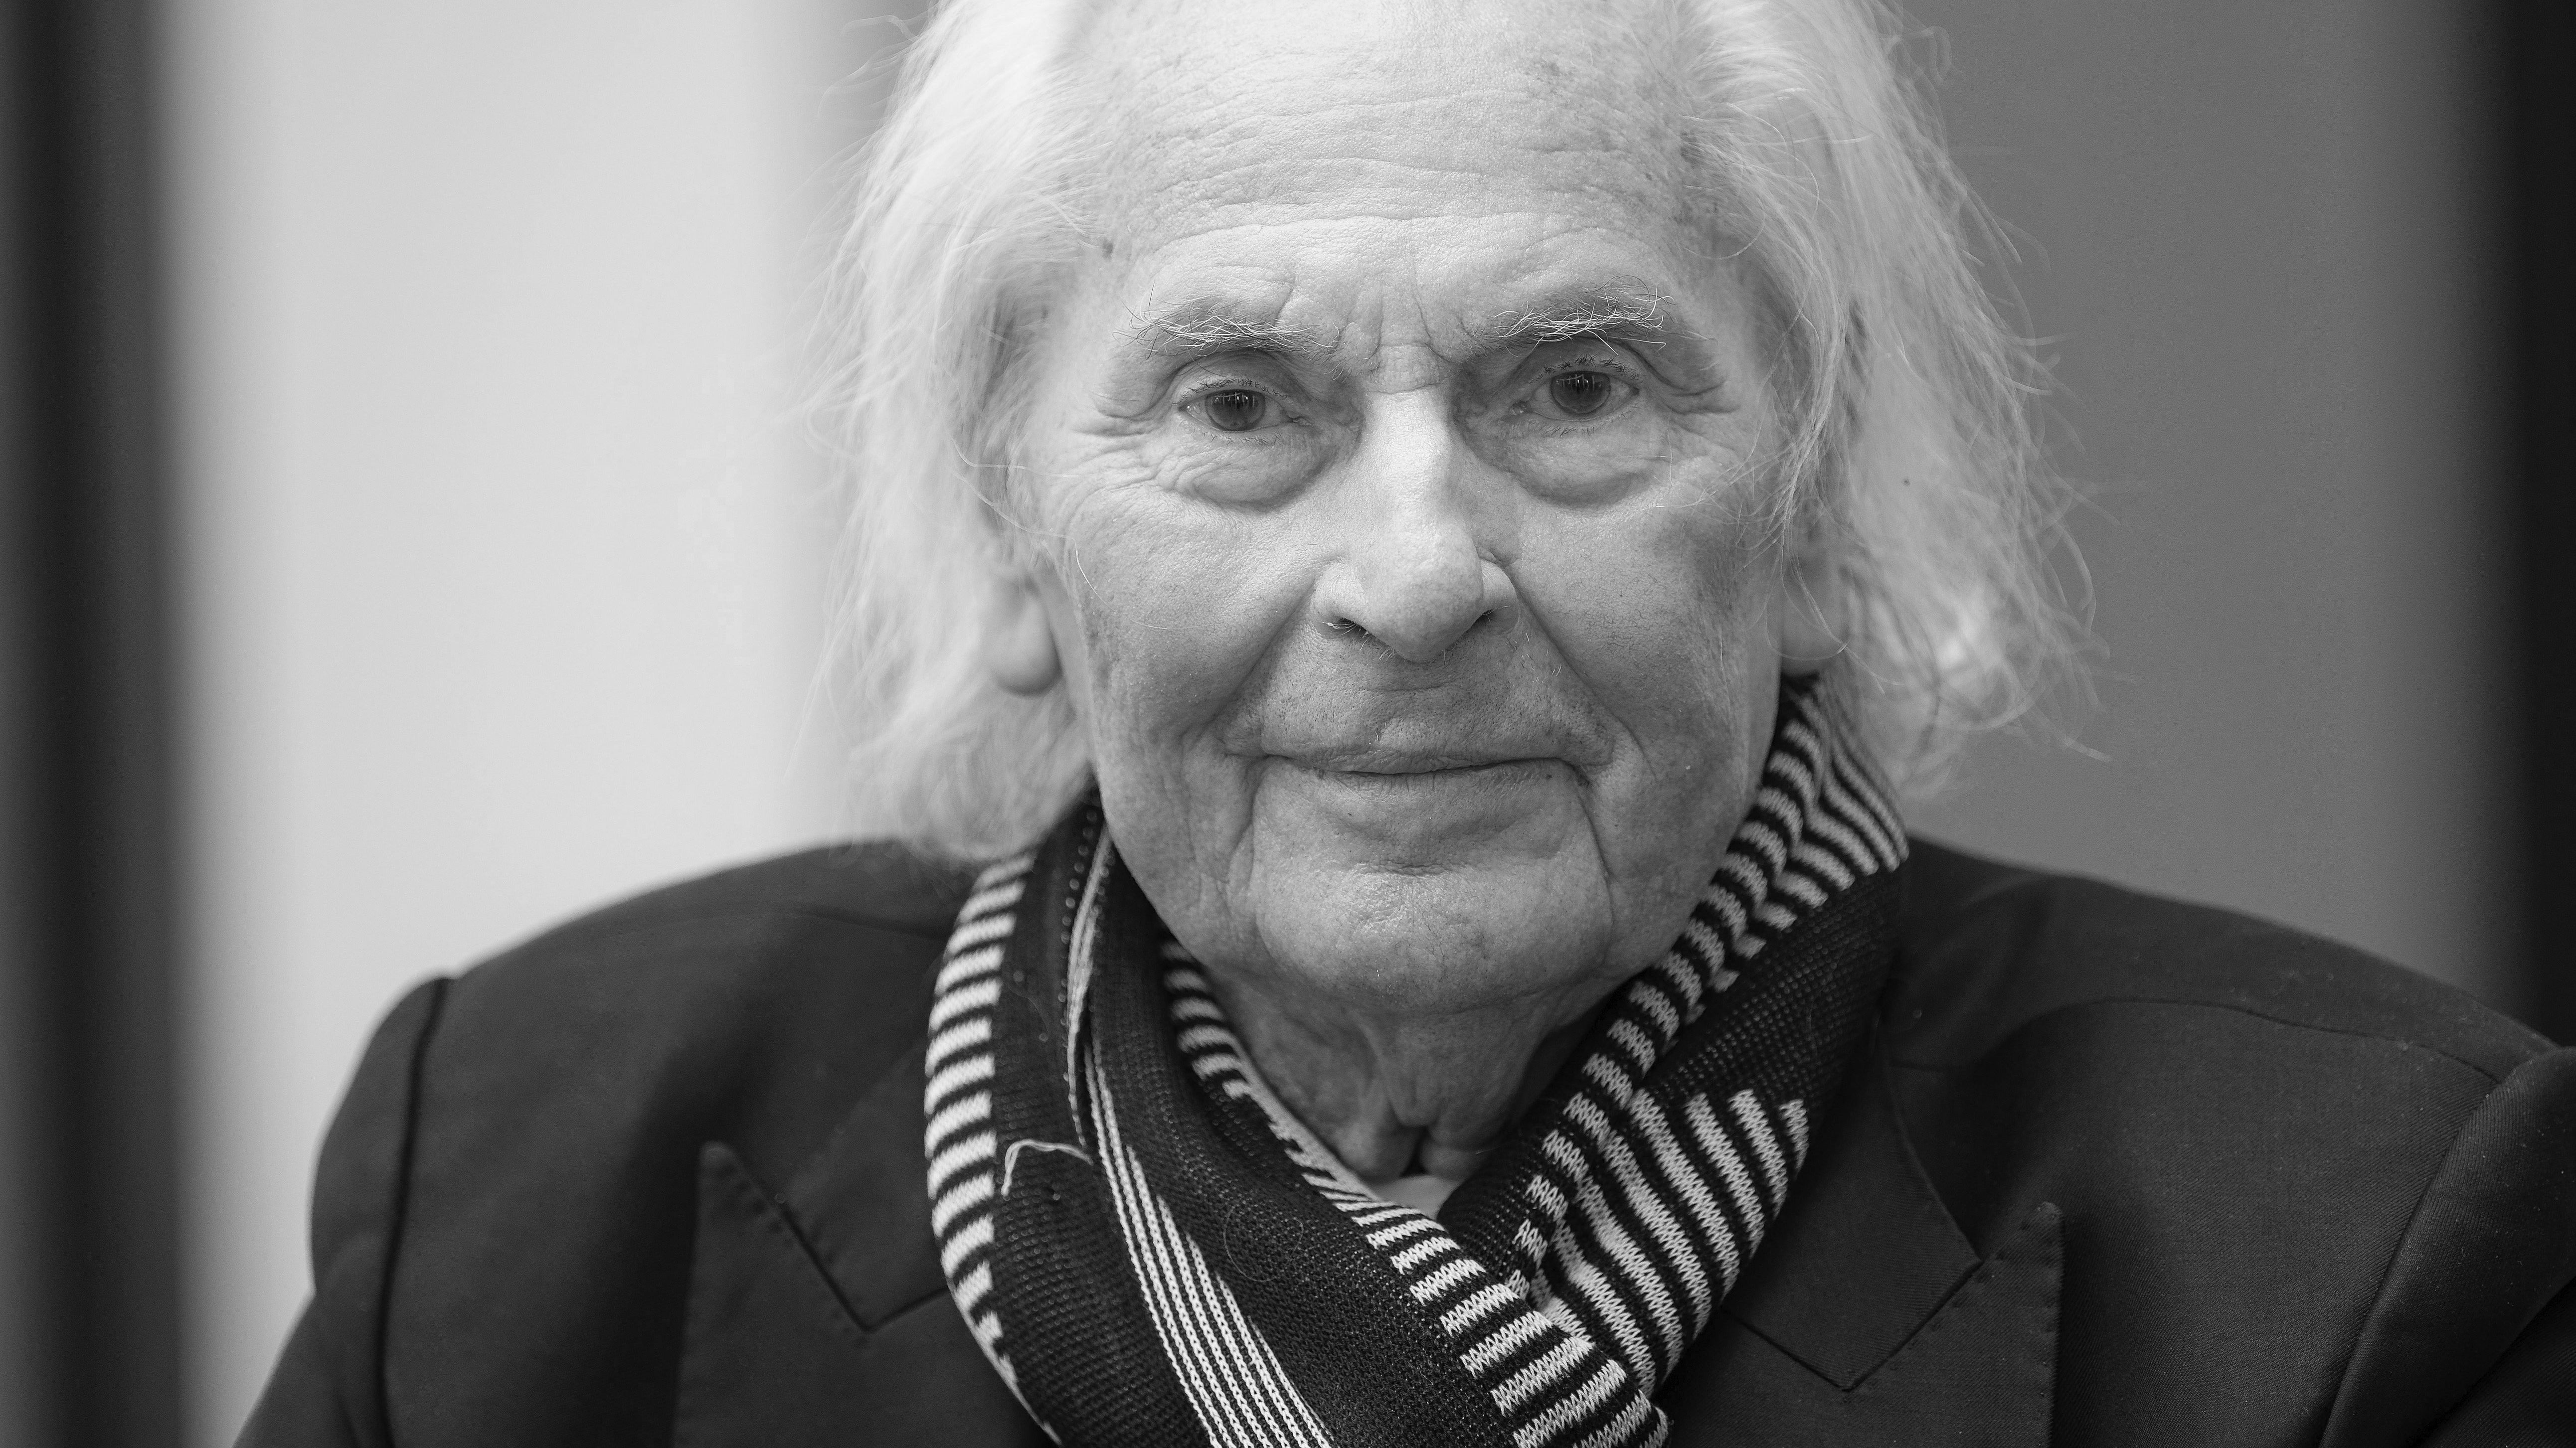 Der Lichtgestalter und Künstler Ingo Maurer blickt als alter Mann lächelnd in die Kamera.